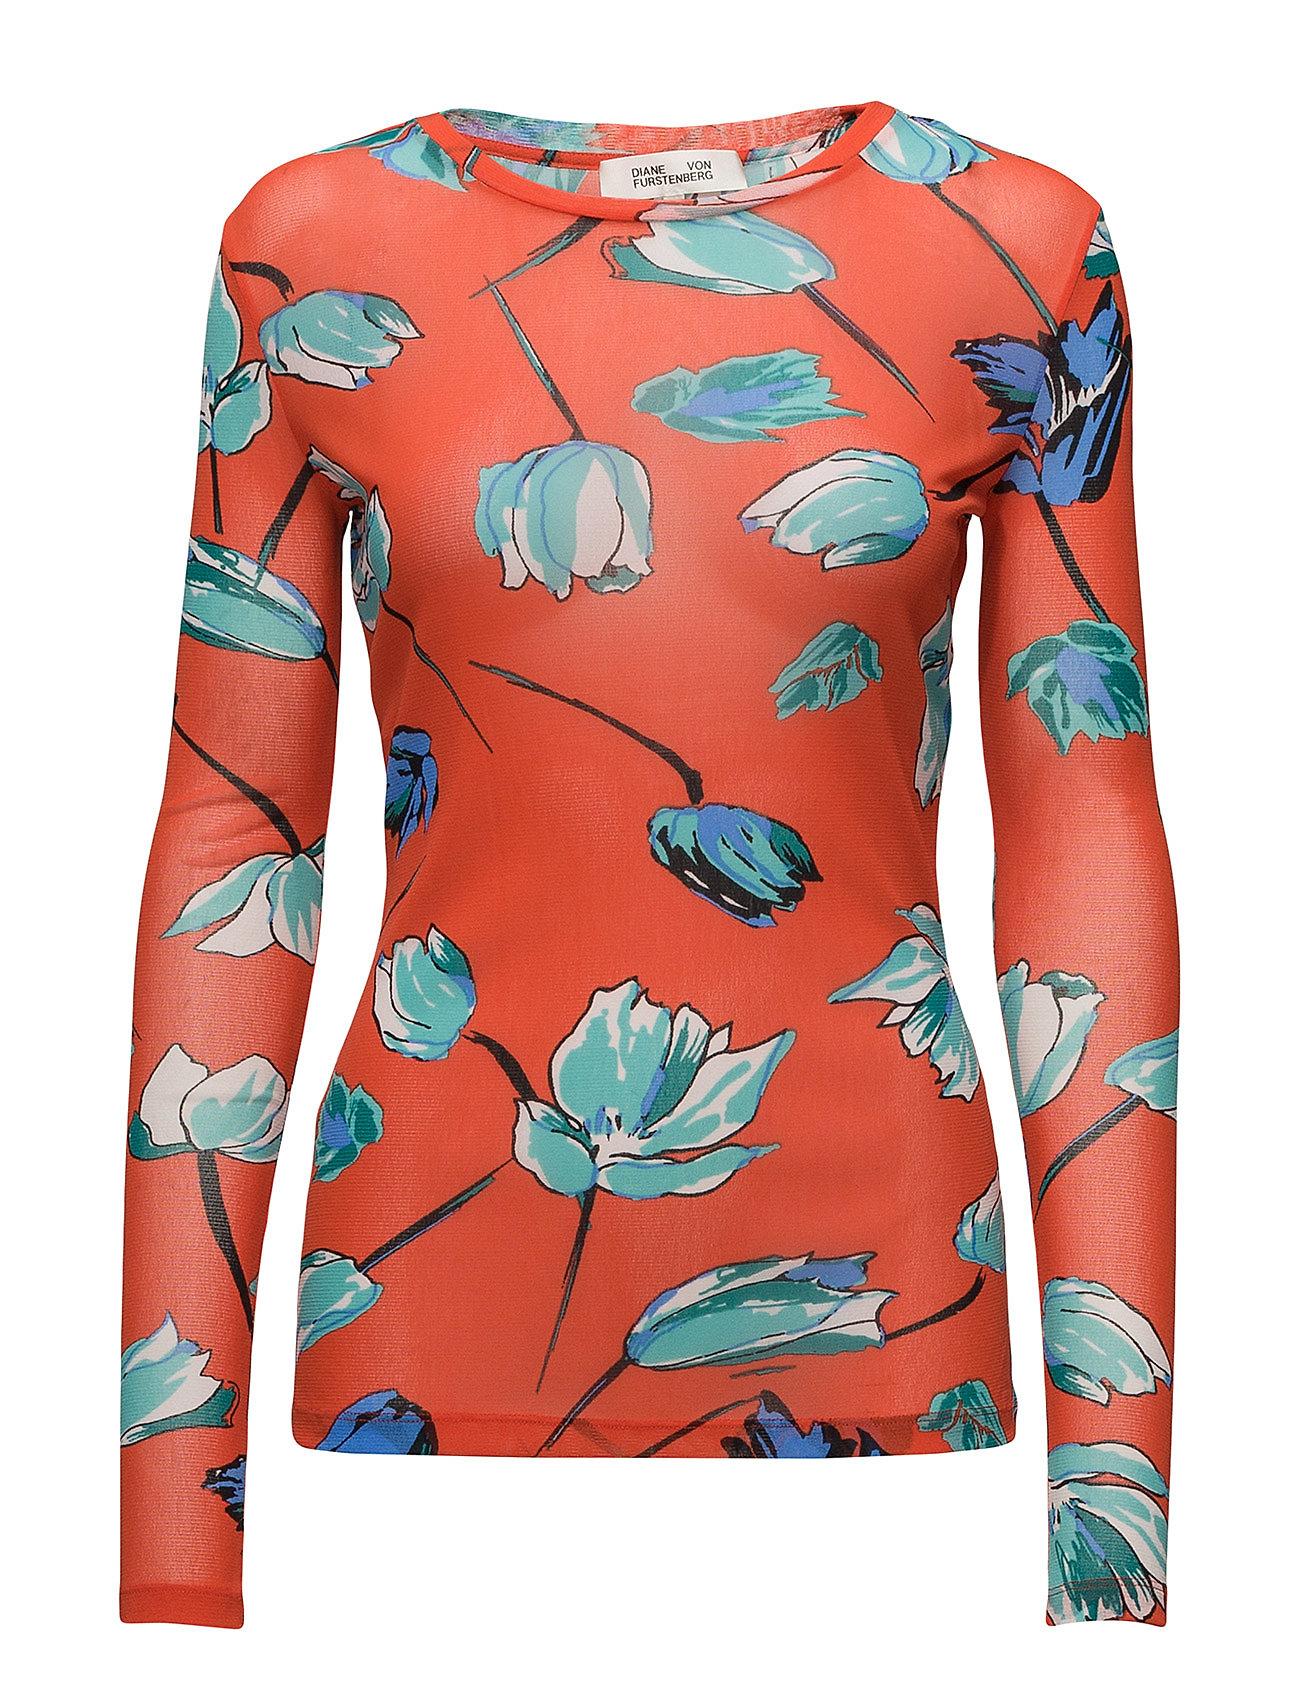 L/S Fitted T Shirt - Diane von Furstenberg